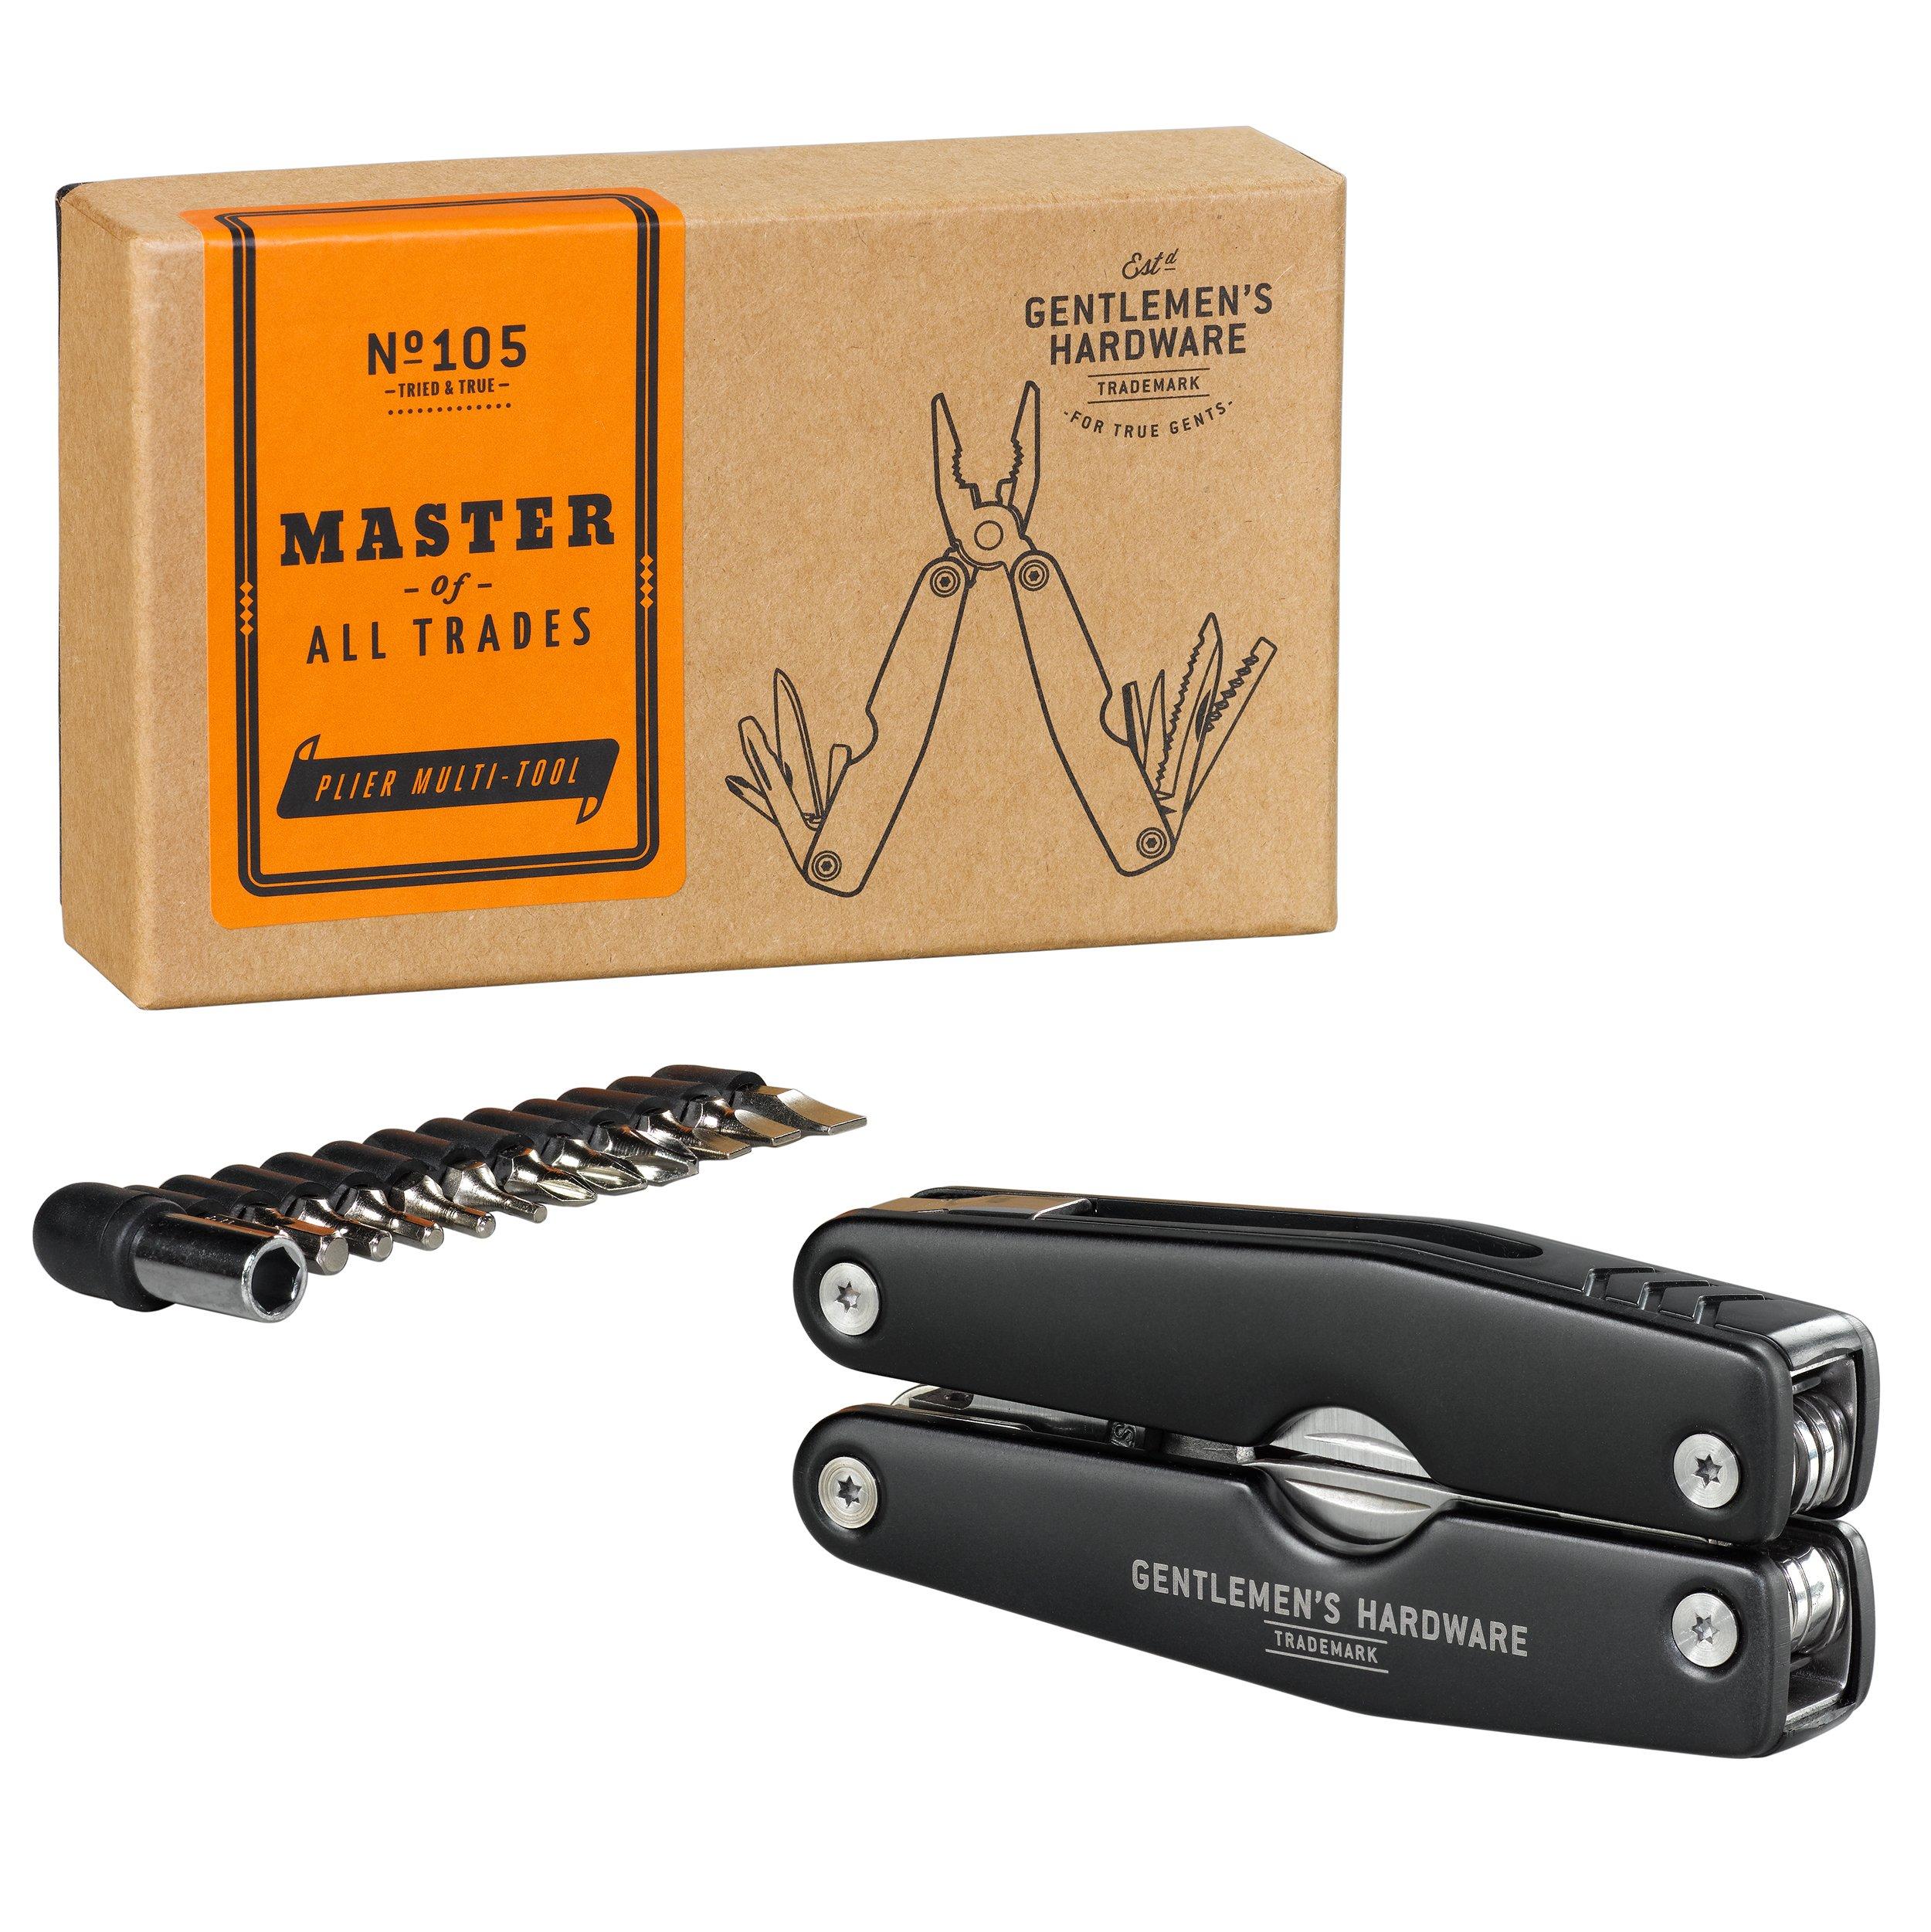 Gentlemen's Hardware Pliers & Screwdriver Multitool